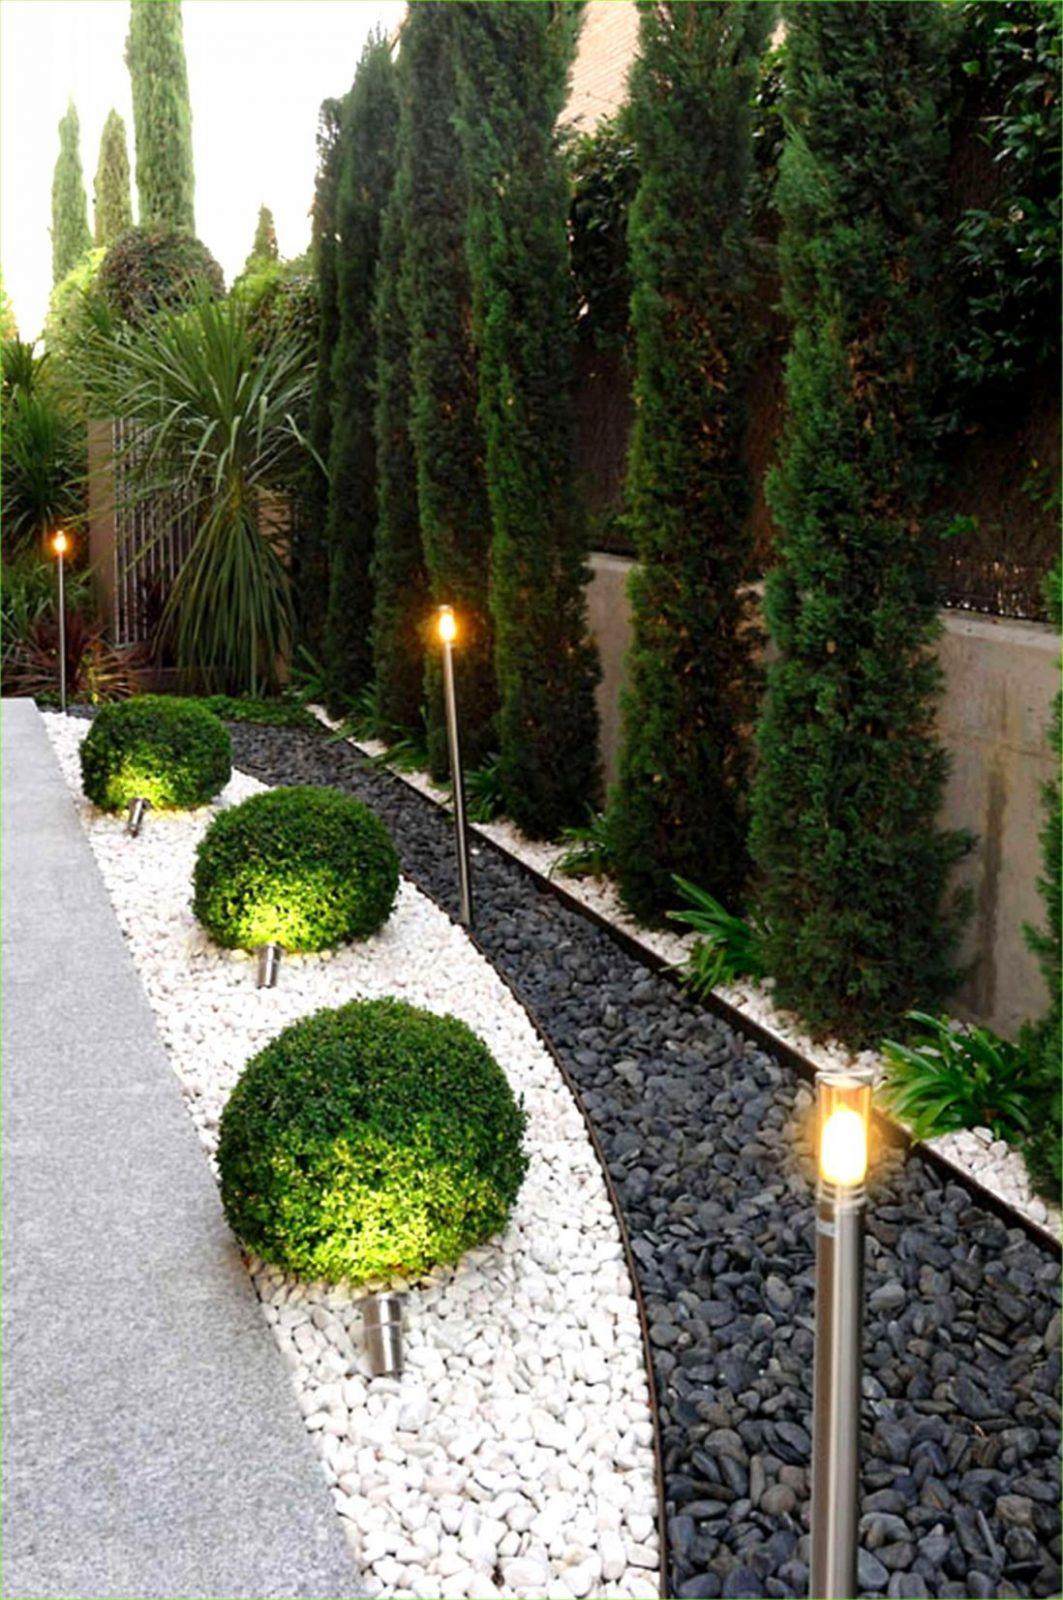 80 Images Gartengestaltung Kies Ideas von Gartengestaltung Mit Kies Bilder Photo